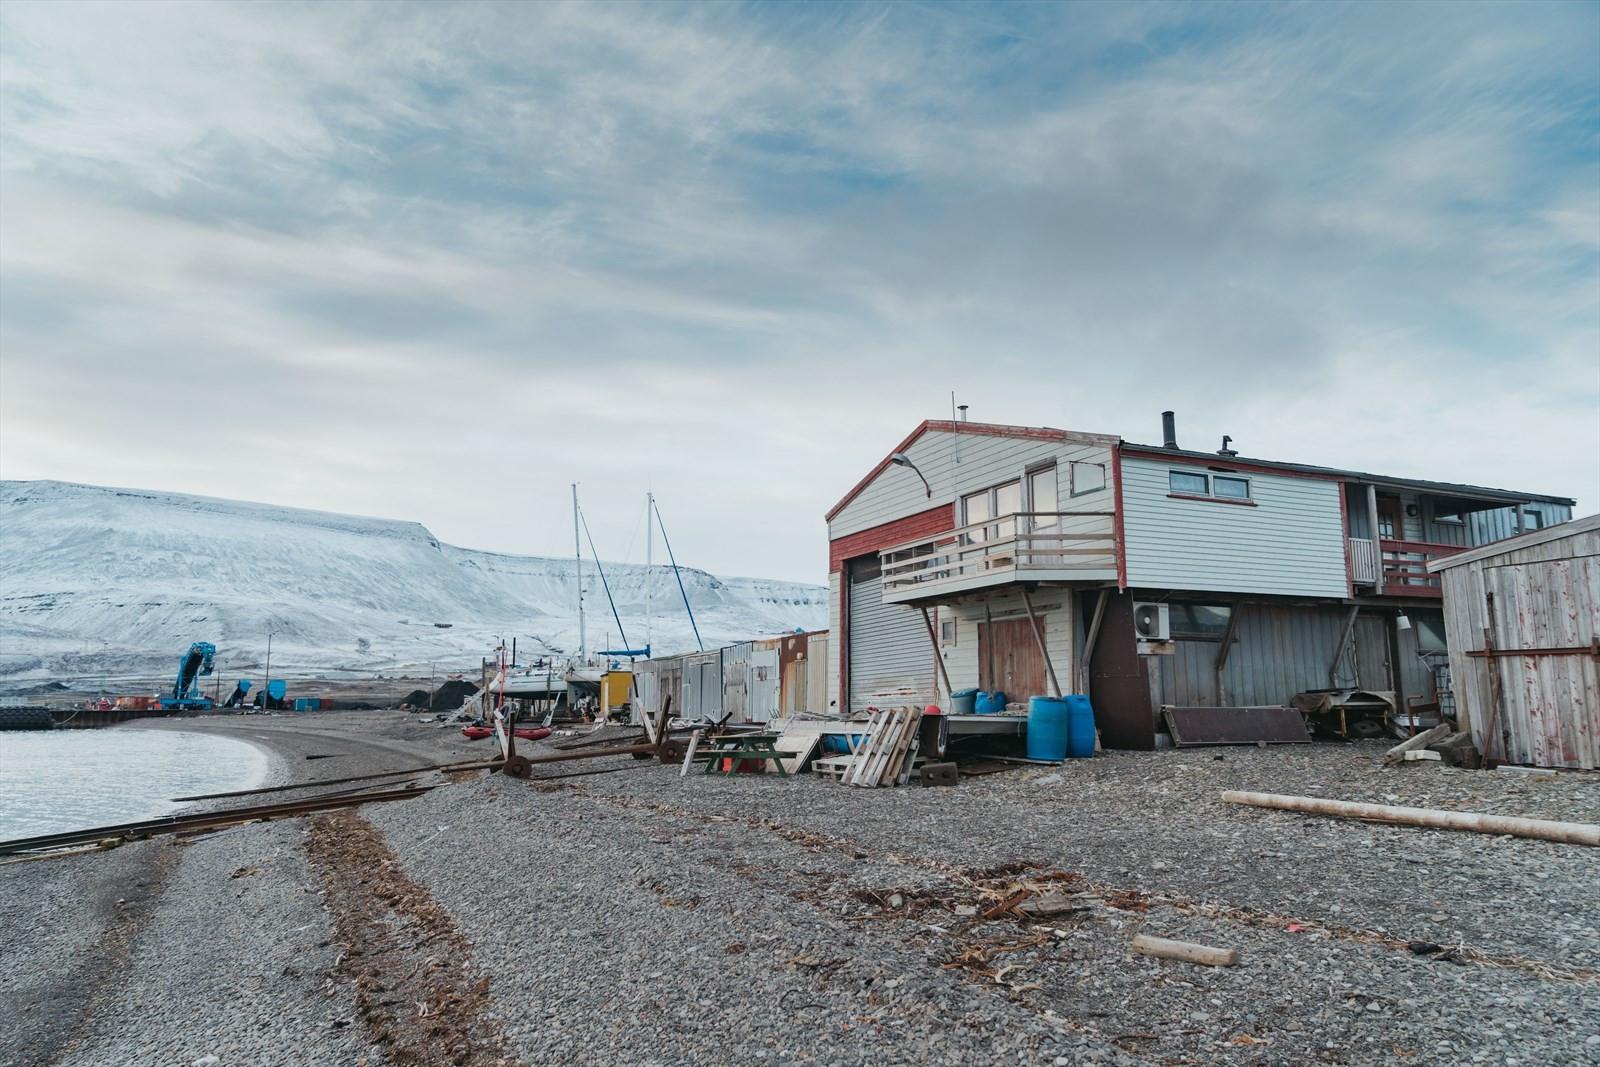 Båthuset ligger på Hotellneset like utenfor Longyearbyen